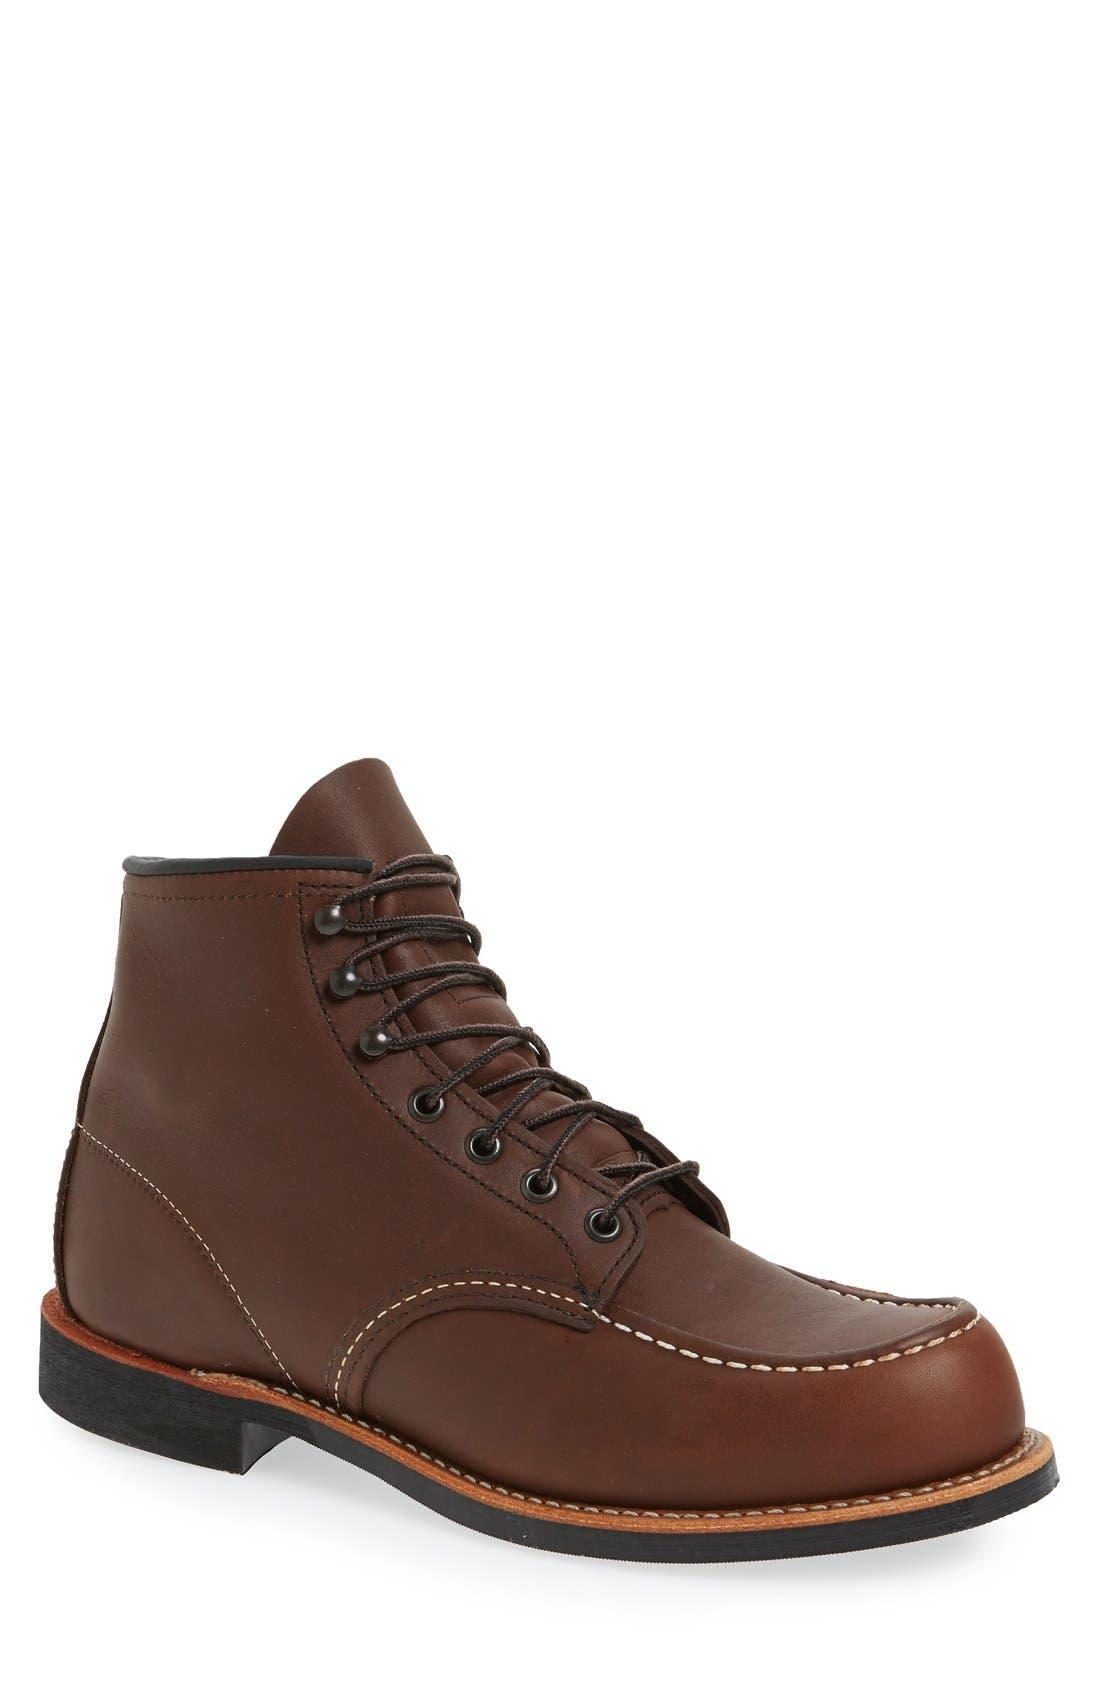 'Cooper' Moc Toe Boot,                         Main,                         color, 200